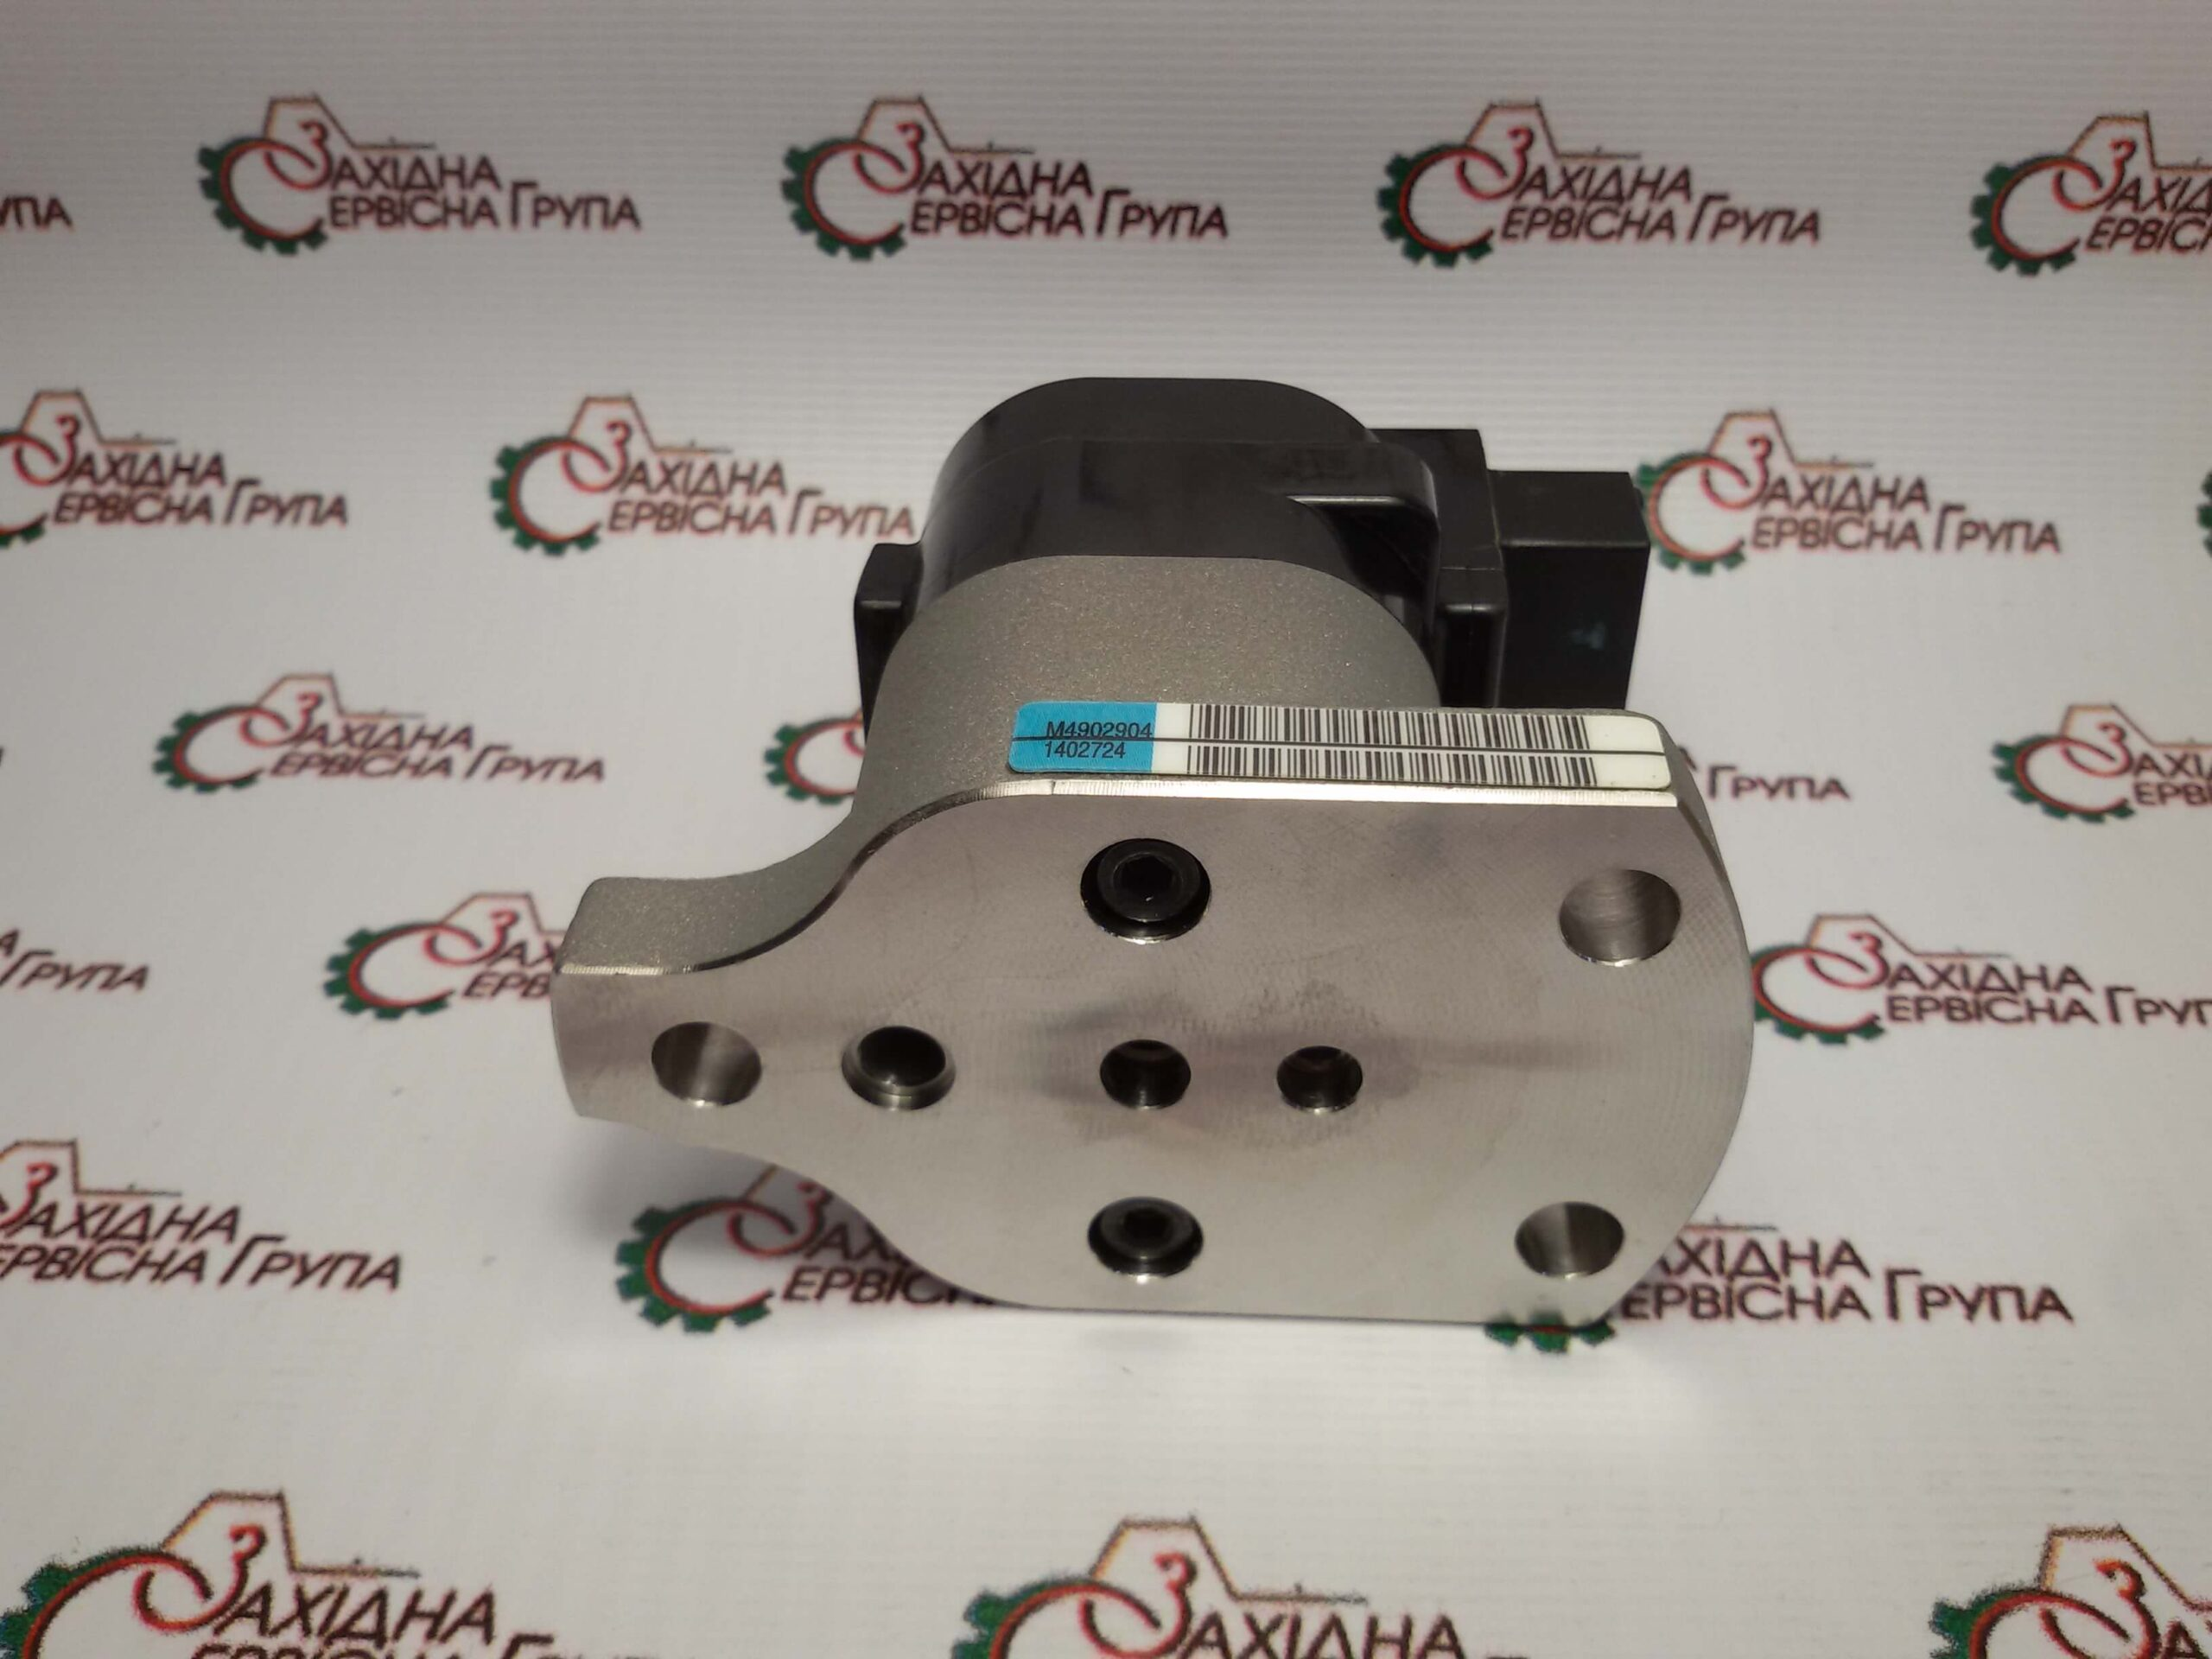 Актуатор кількості подачі палива  Cummins ISX15, QSX15, 4089980, 4902904.